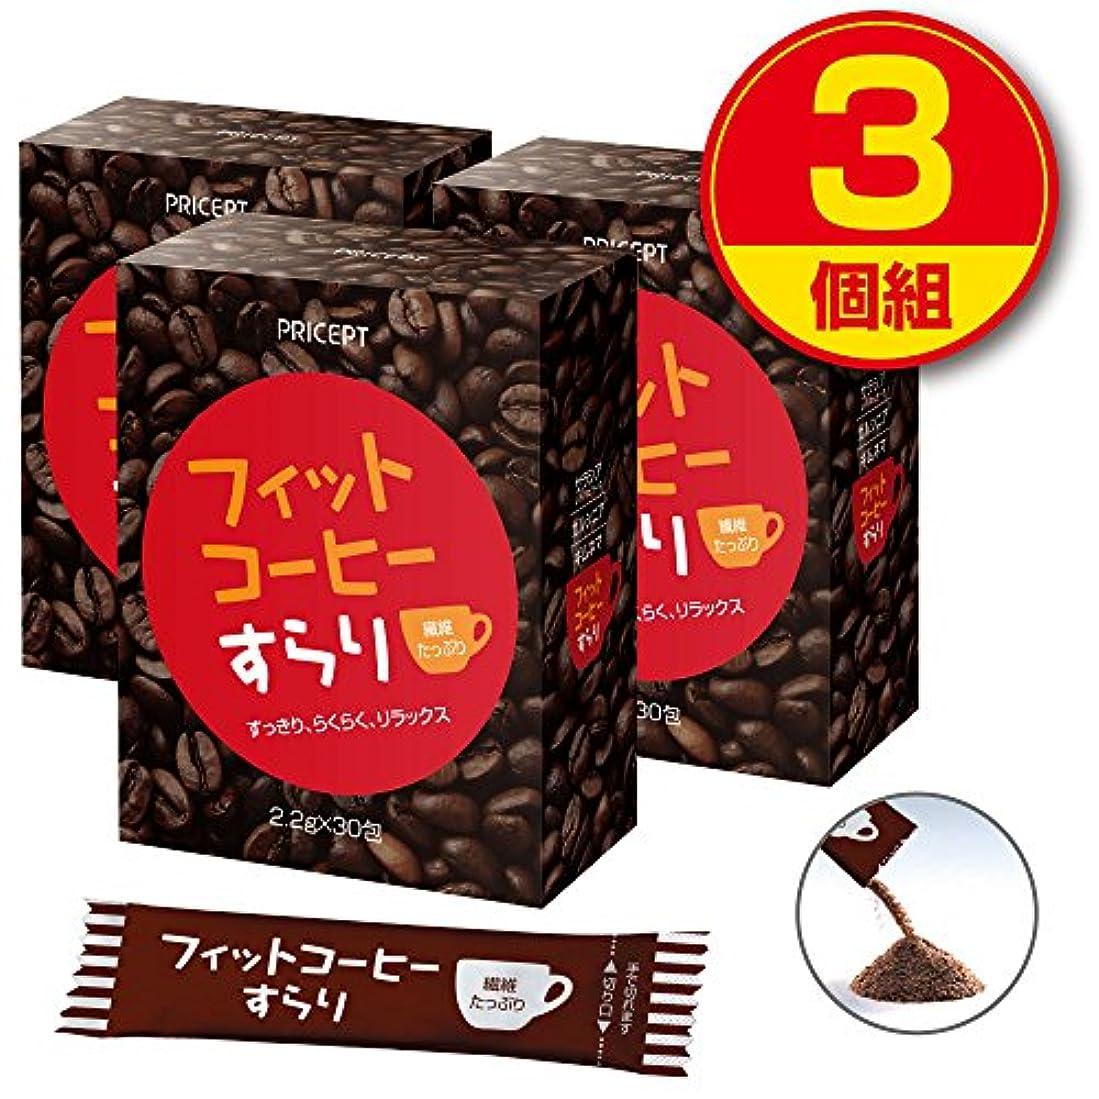 スラム街国際大胆なプリセプト フィットコーヒーすらり 30包【3個組(90包)】(ダイエットサポートコーヒー)